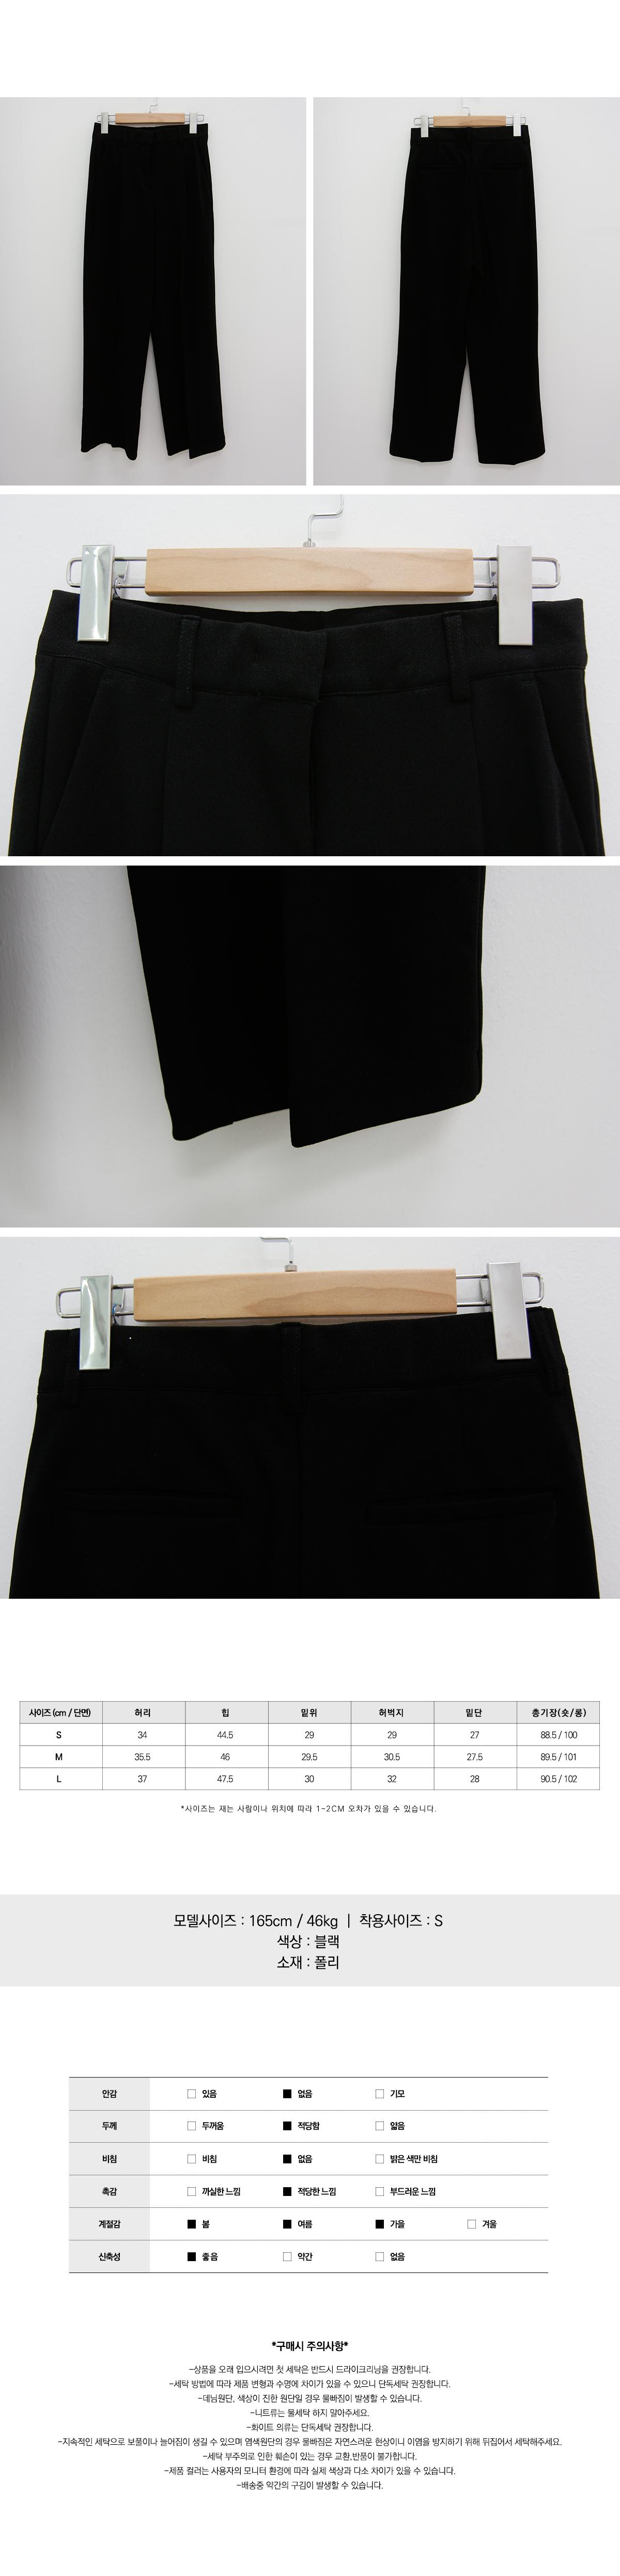 Muel wide slacks